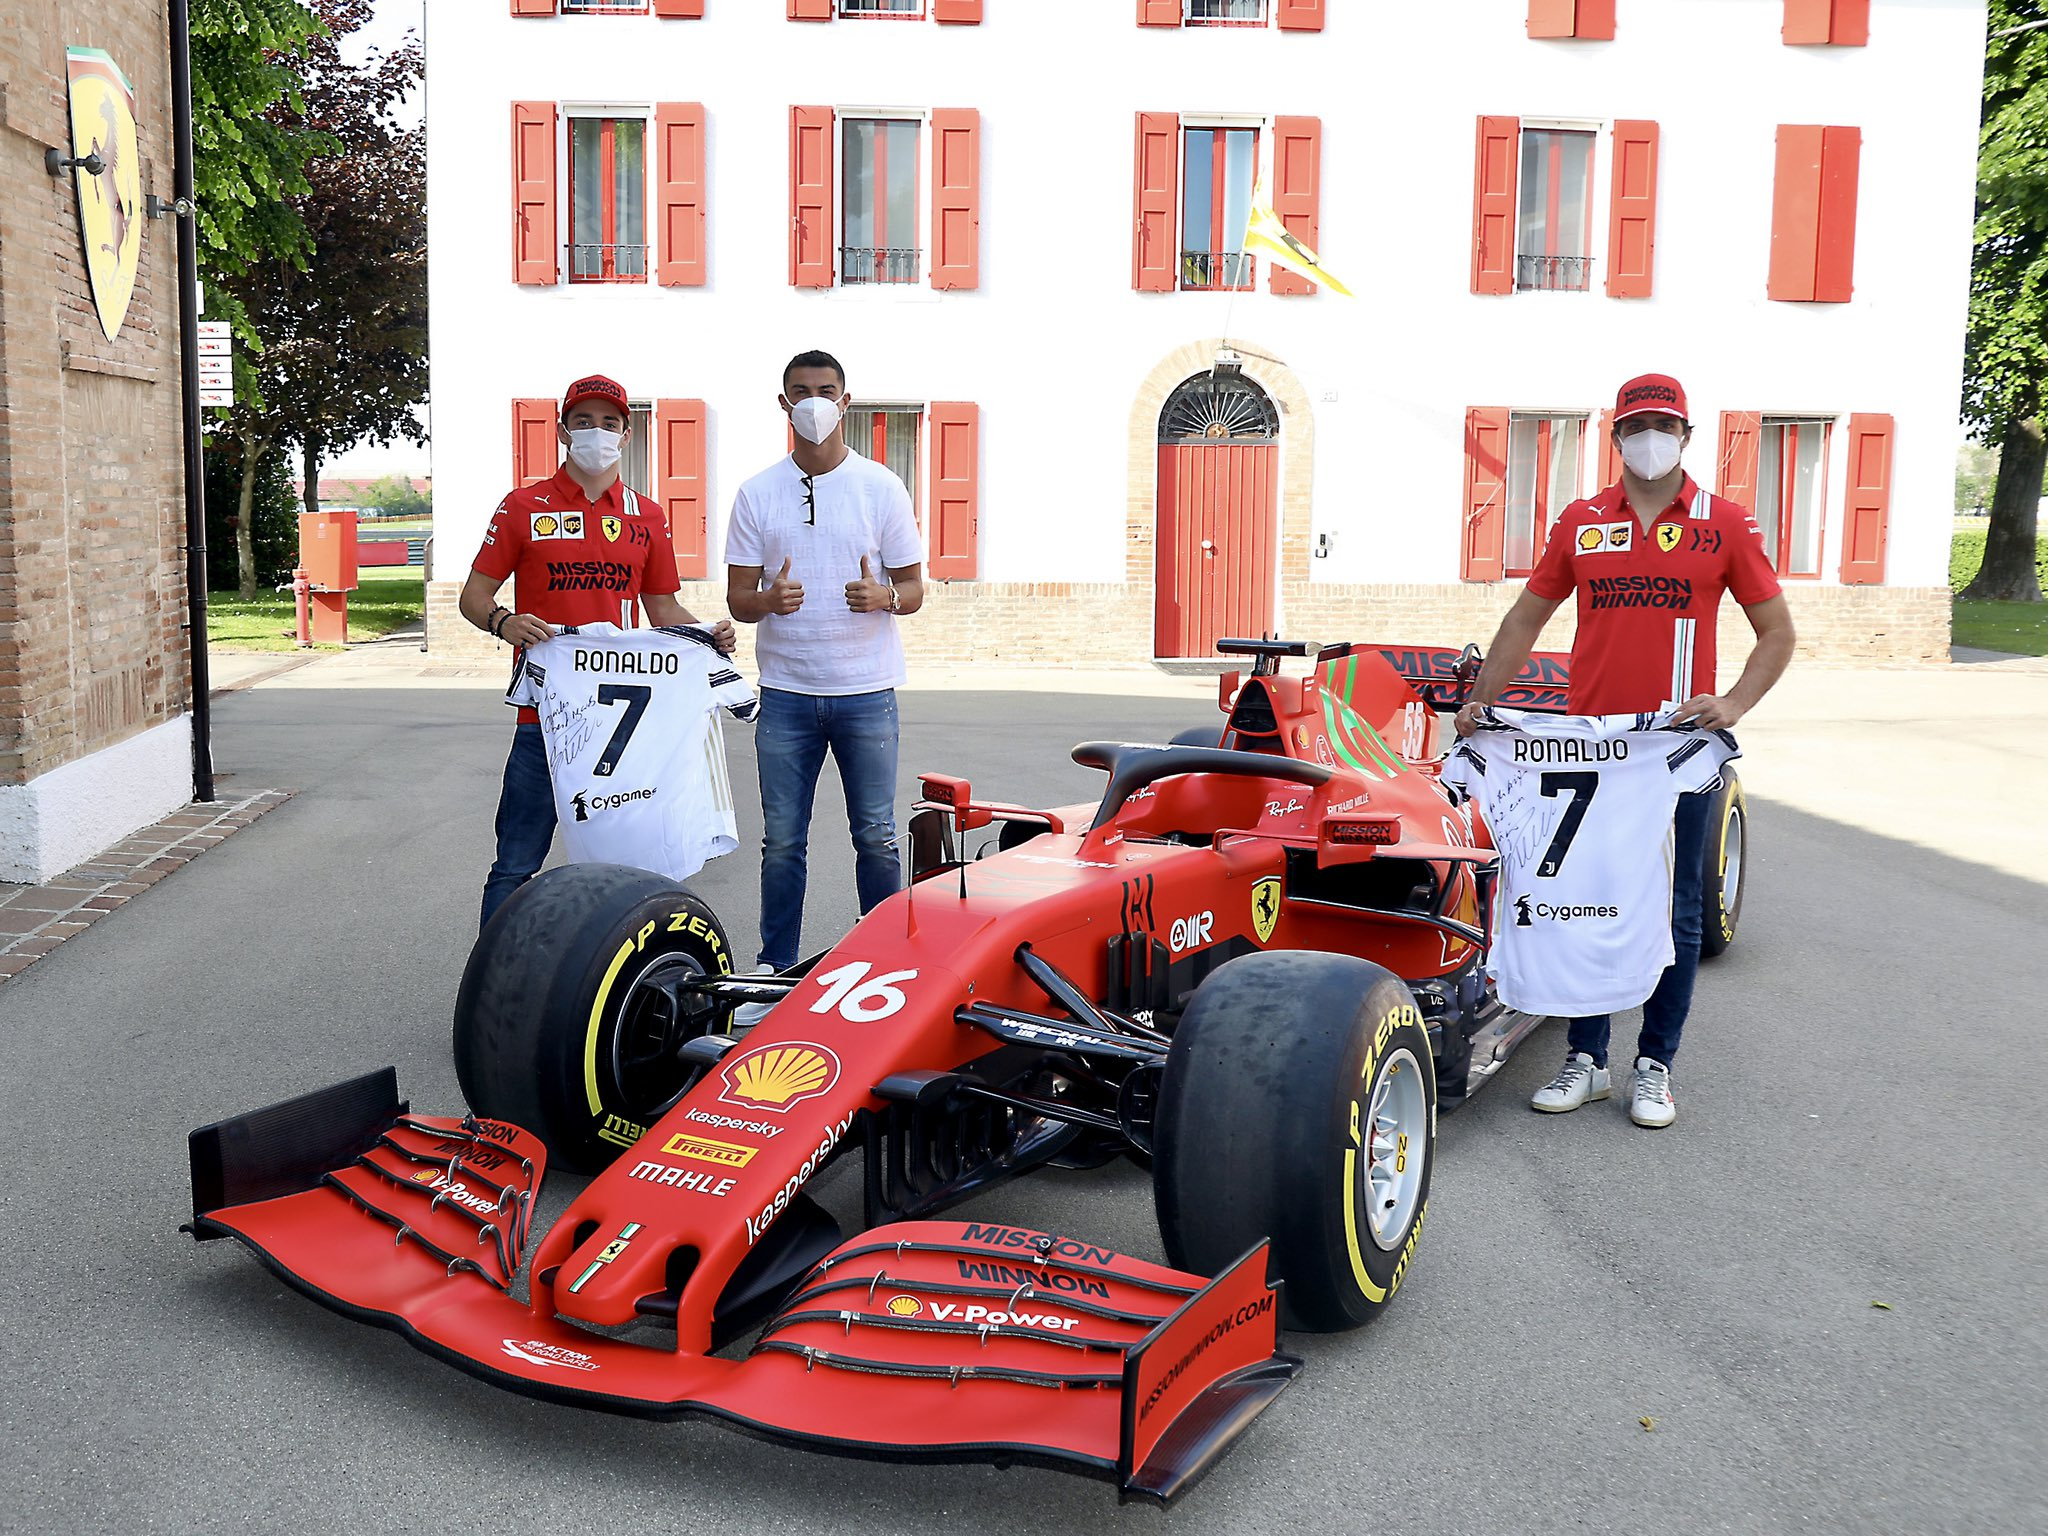 Scuderia Ferrari поделилась снимком, на котором Криштиану Роналду запечатлён рядом с формульным болидом вместе с гонщиками Карлосом Сайнсом-младшим и Шарлем Леклером. По слухам, известный футболист посетил Маранелло, чтобы купить спайдер Ferrari Monza SP2.